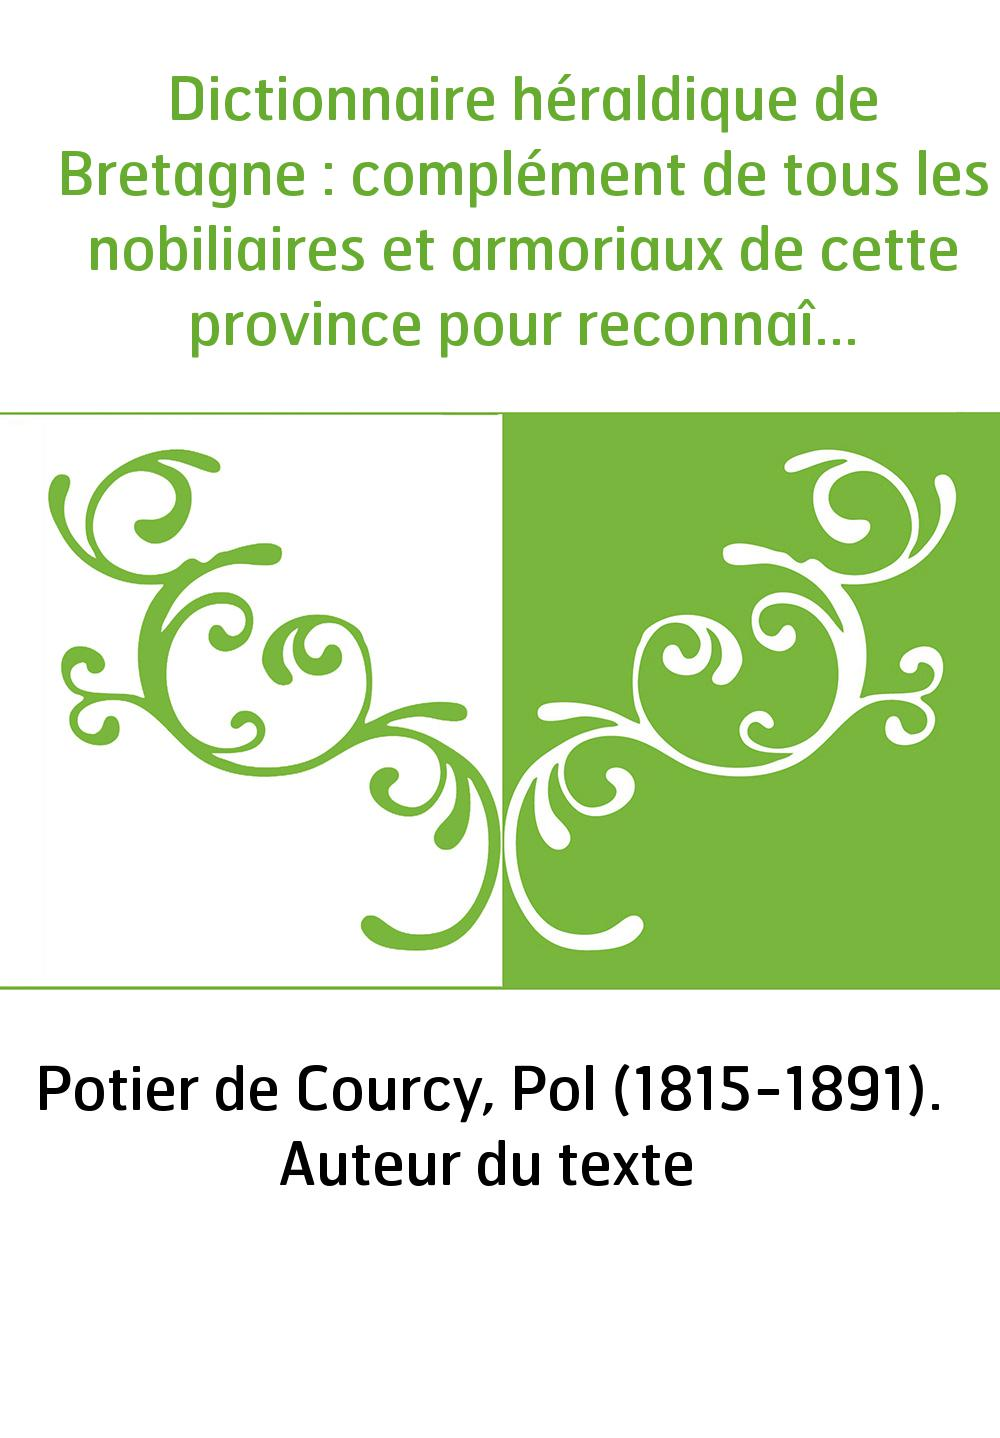 Dictionnaire héraldique de Bretagne : complément de tous les nobiliaires et armoriaux de cette province pour reconnaître les fam